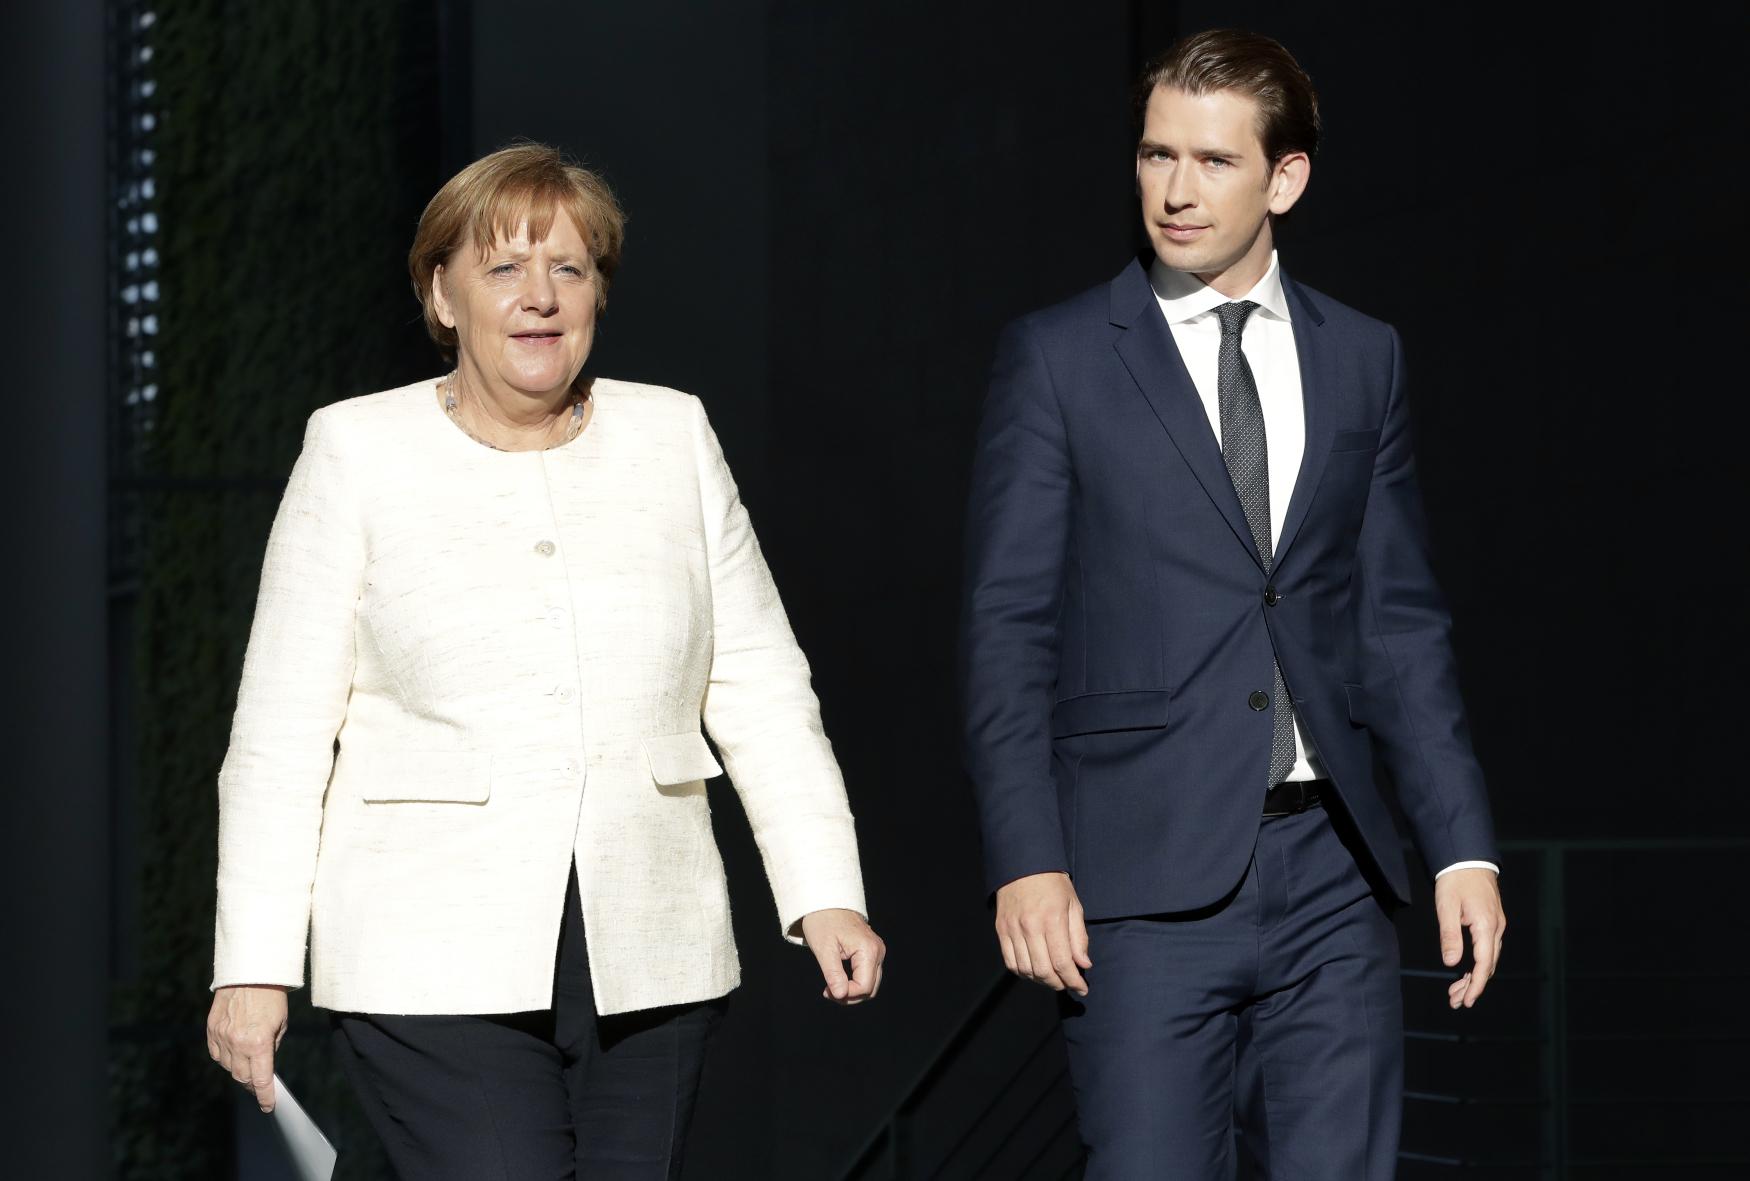 Mladý rakouský spolkový kancléř Sebastian Kurz se v Berlíně sešel s německou kancléřkou Angelou Merkelovou